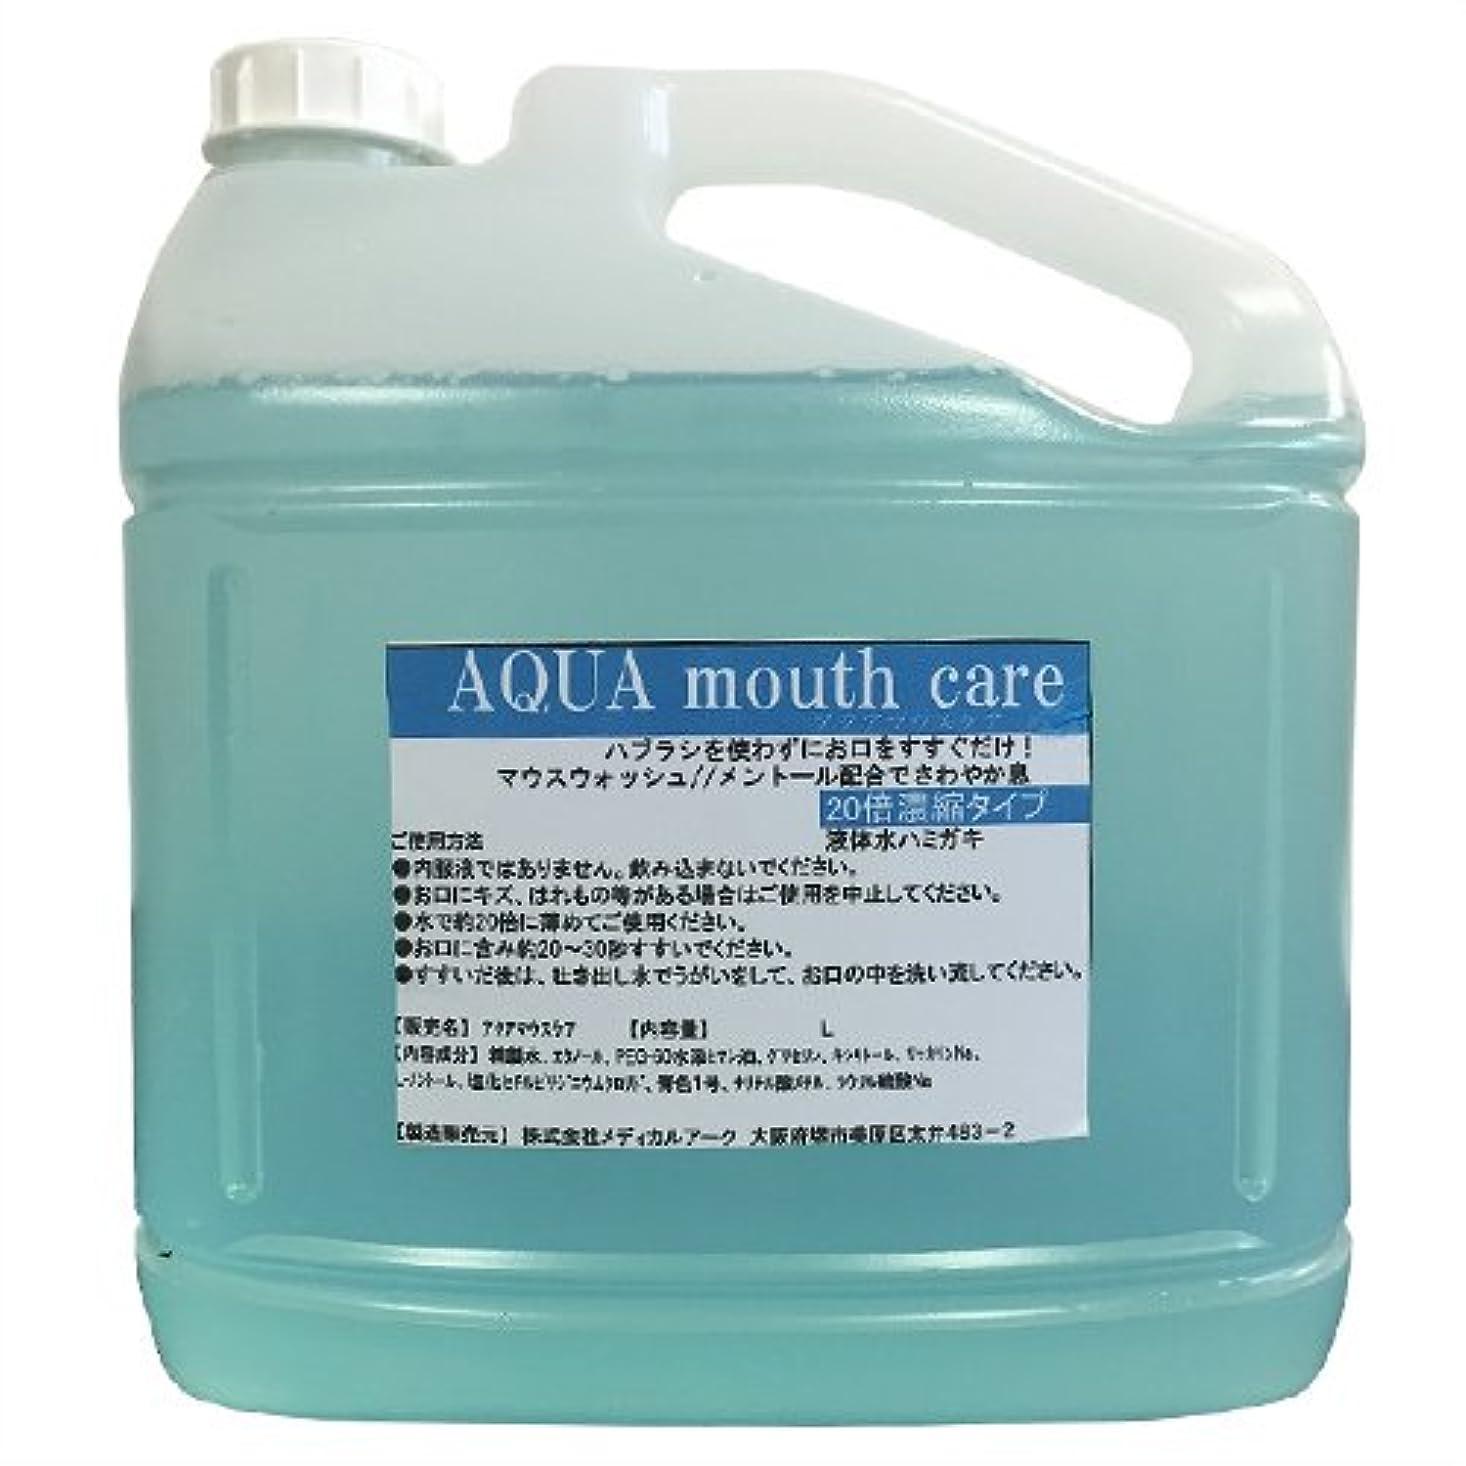 賠償喜んでラッドヤードキップリング業務用洗口液 マウスウォッシュ アクアマウスケア (AQUA mouth care) 20倍濃縮タイプ 5L (詰め替えコック付き)